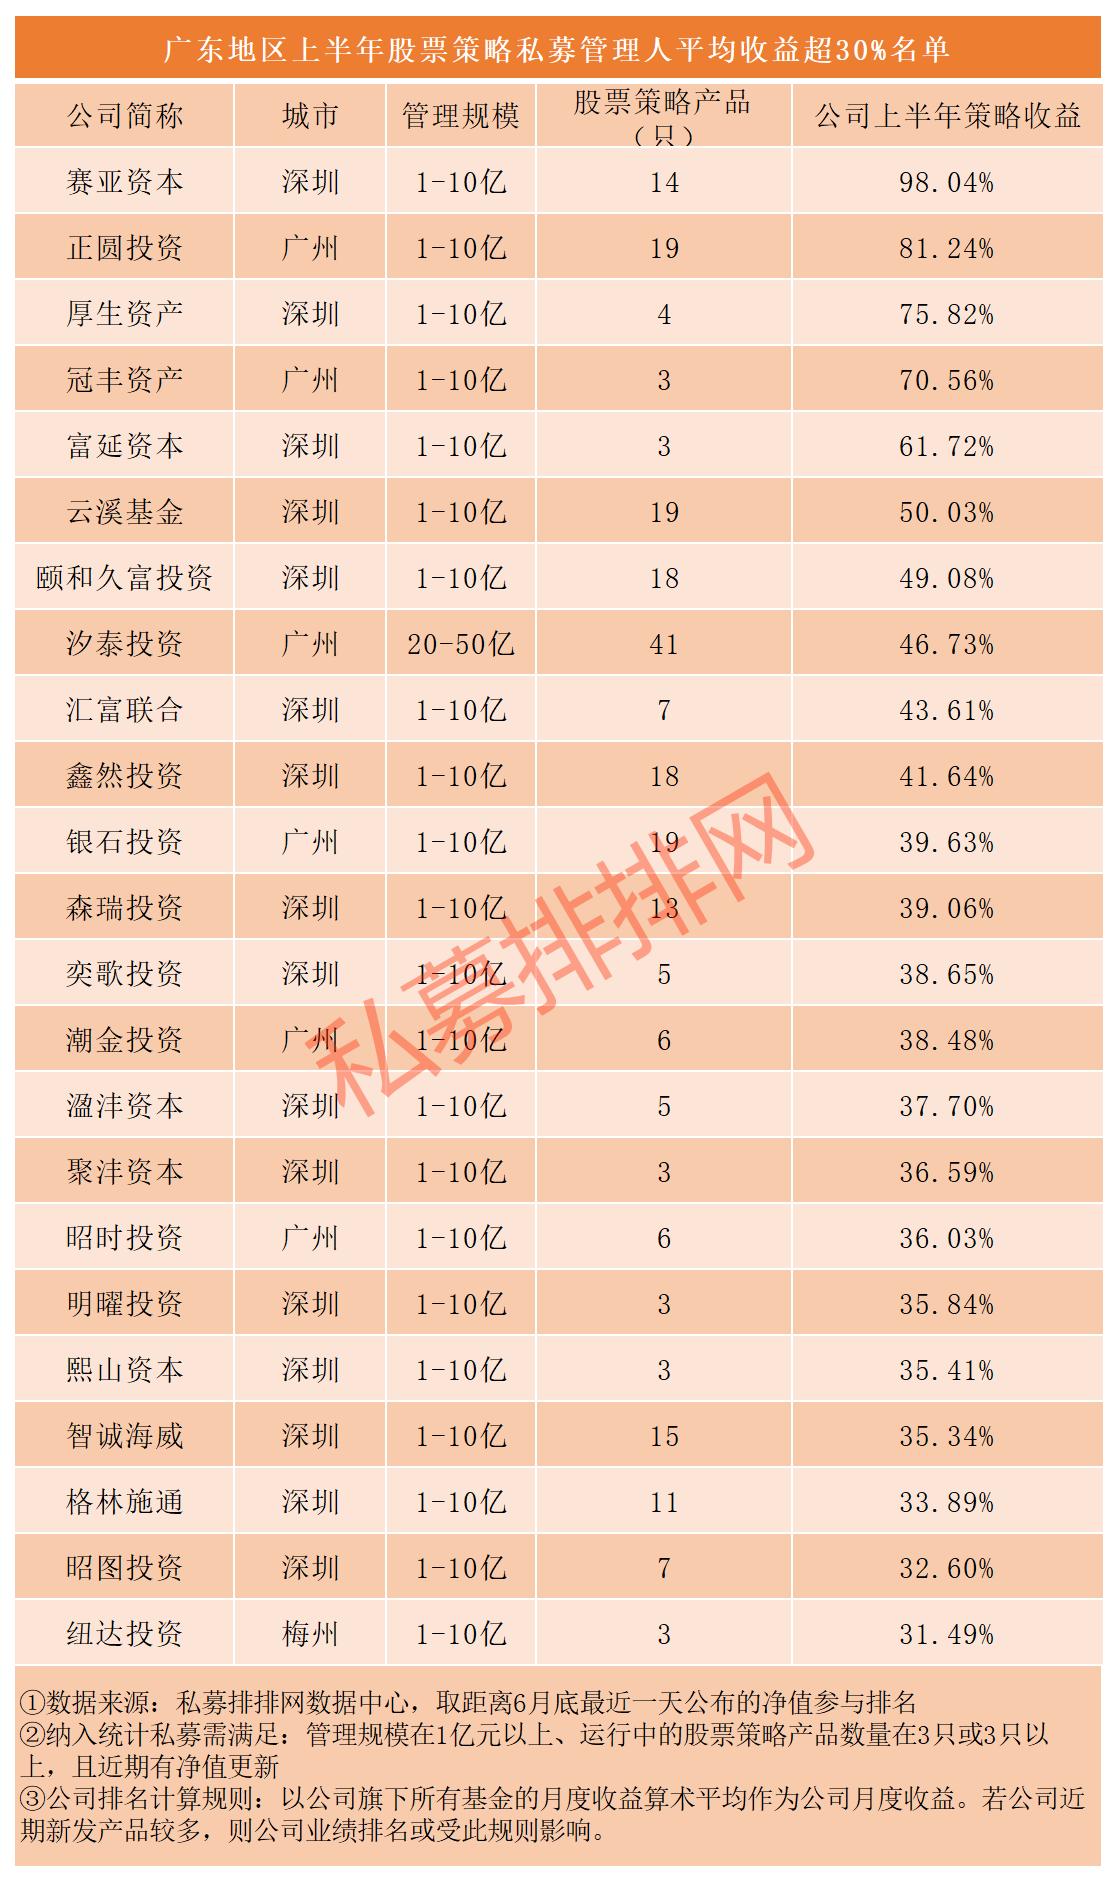 3-私募官微排行榜.png